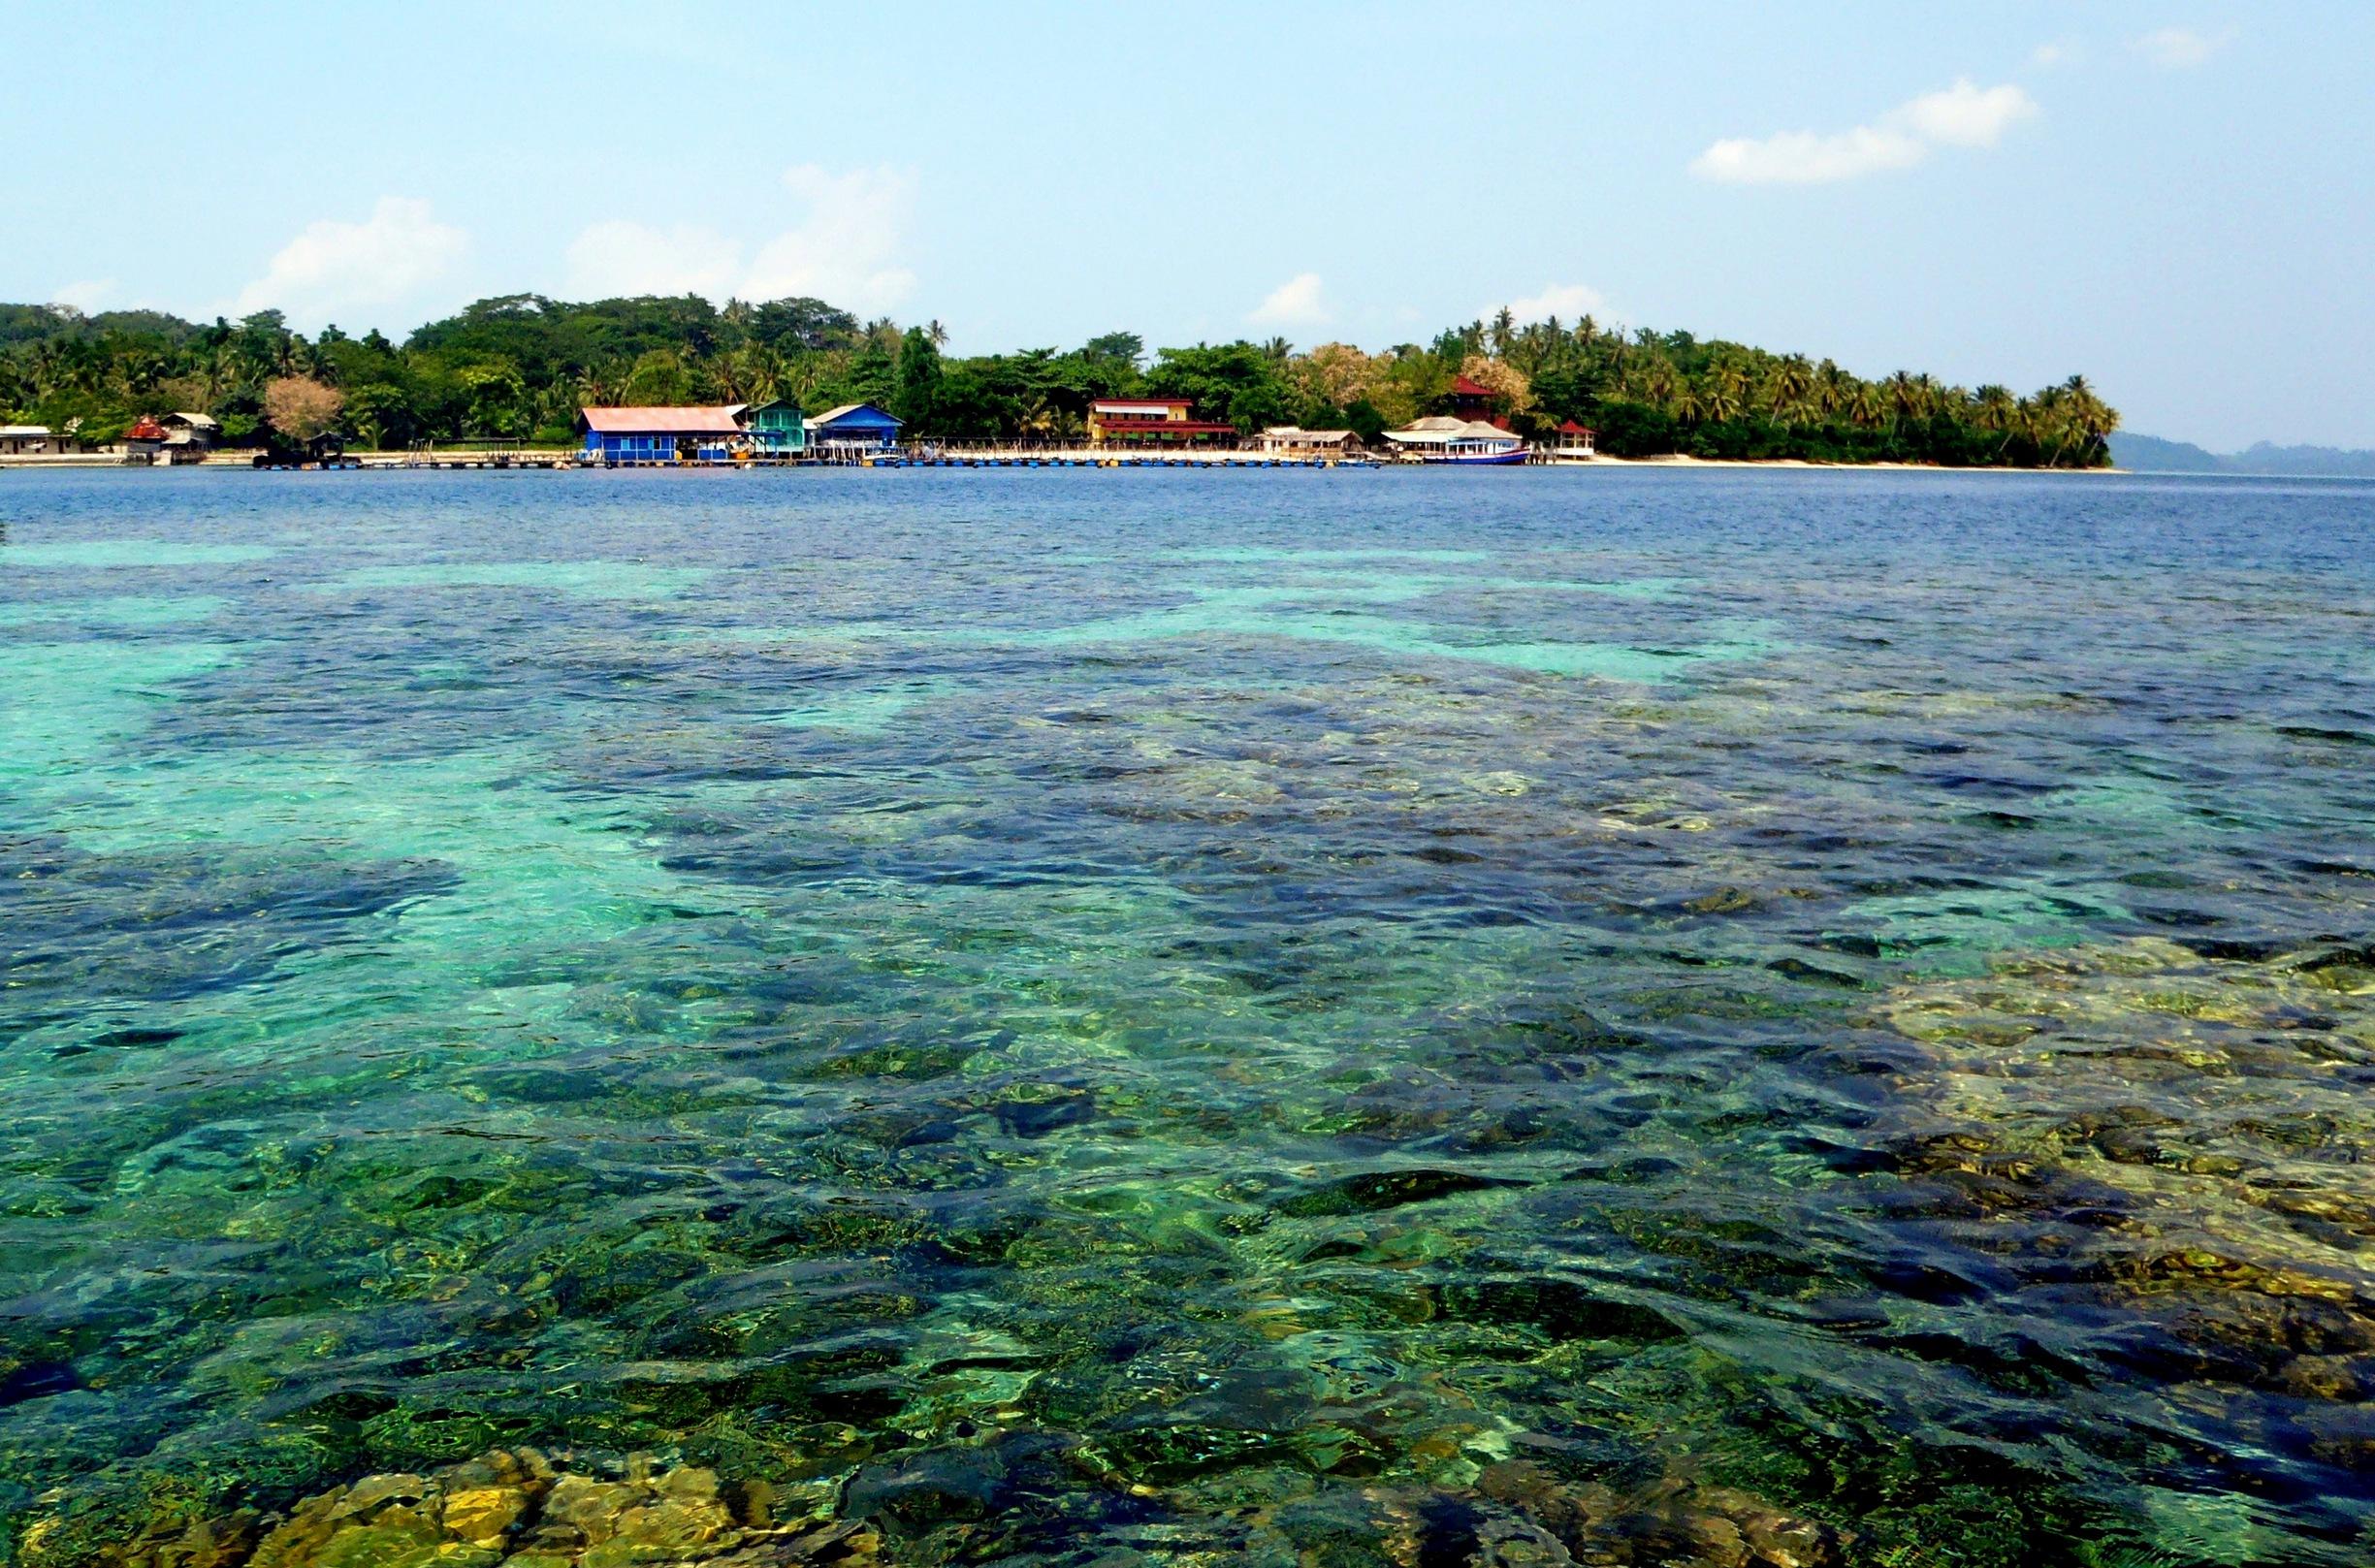 Pesona Bakau Terumbu Karang Di Pulau Pahawang Lampung